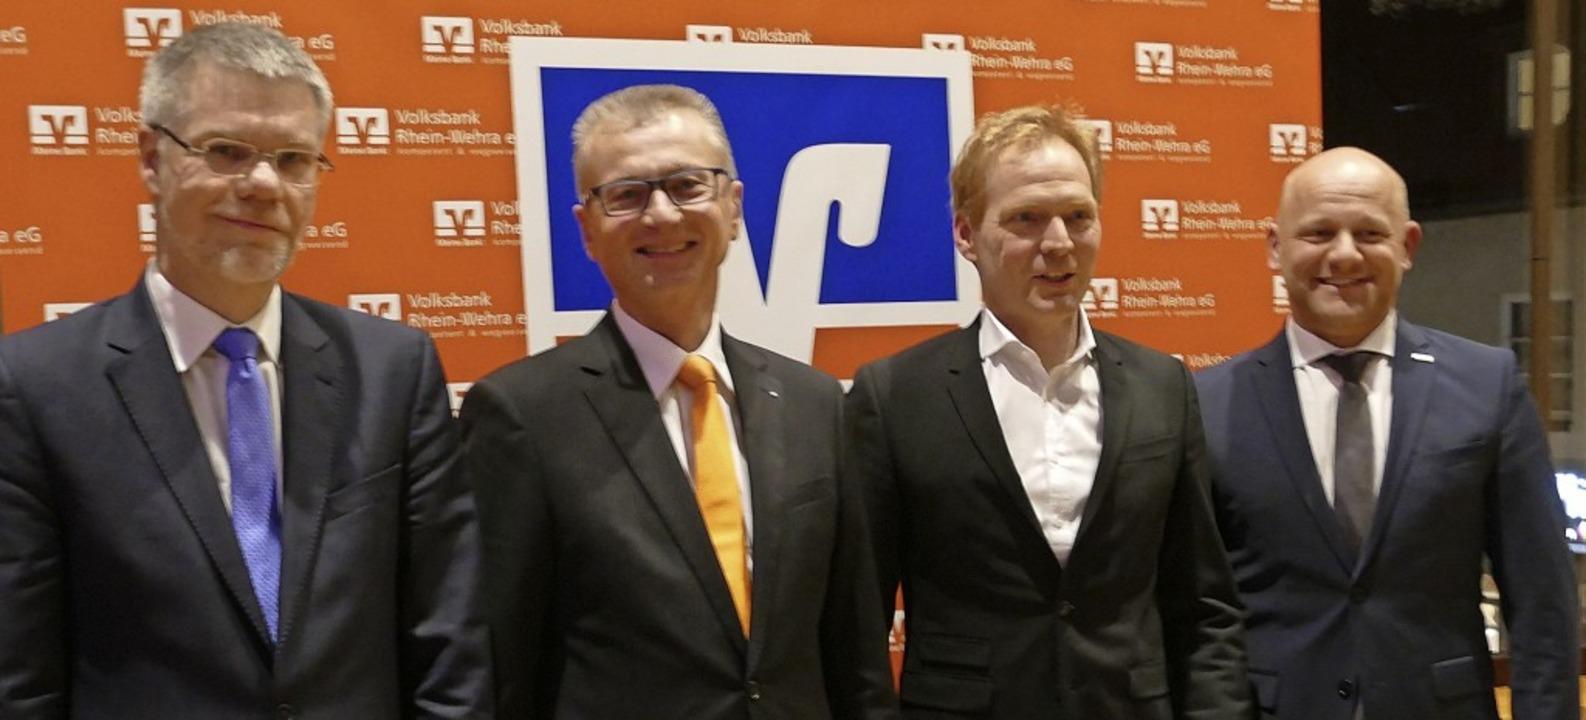 Der Bankdirektor und die Referenten (v...ann, Bernd Waldeck und Jochen Matthes   | Foto: Axel Kremp